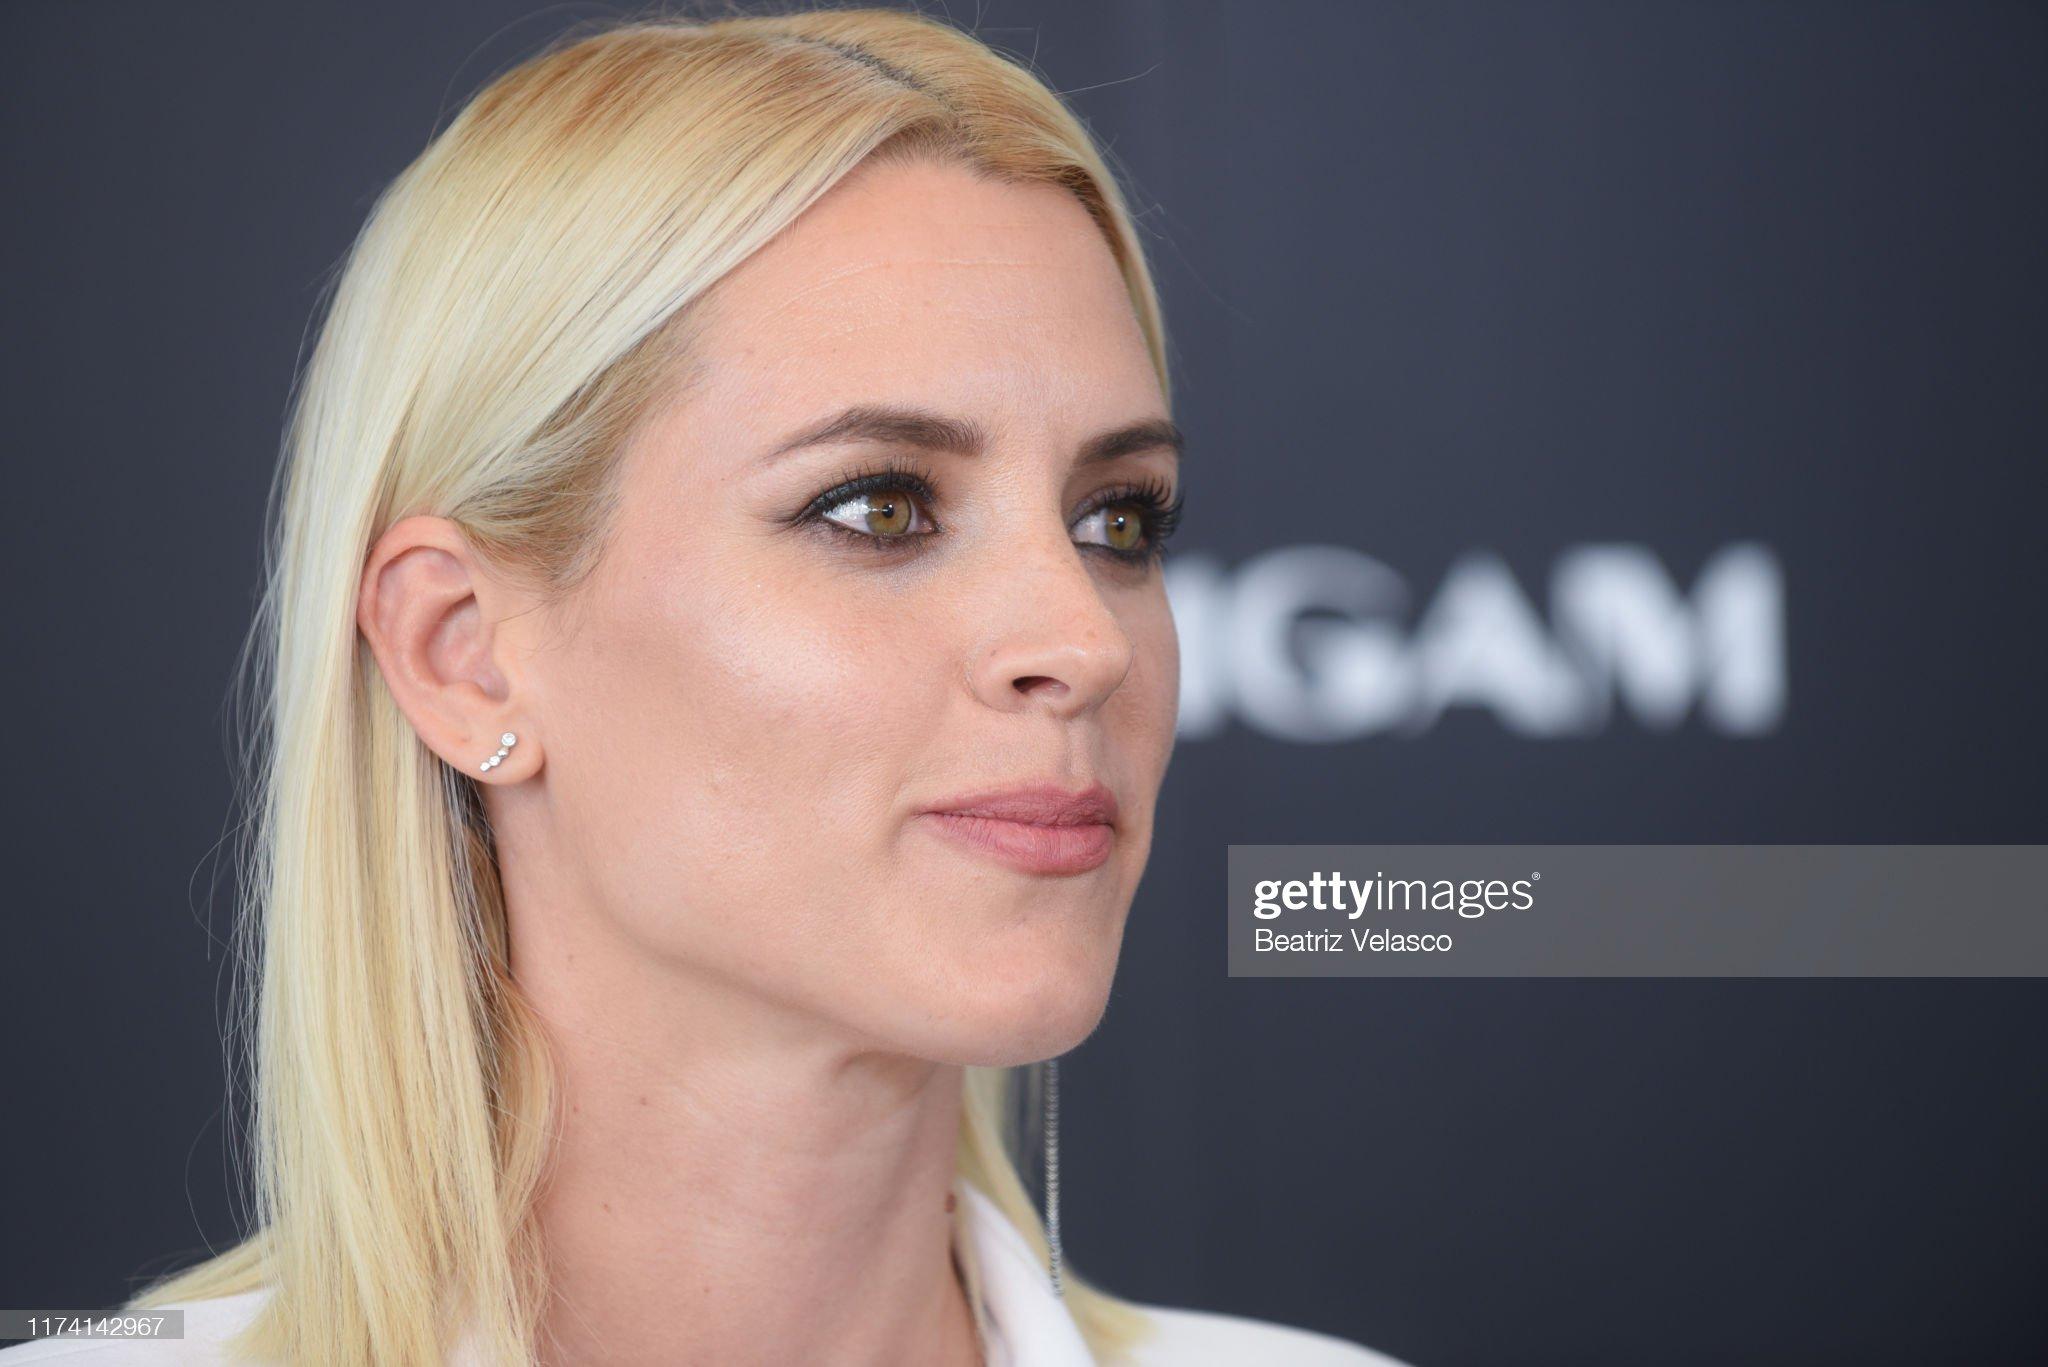 Ojos marrones - Personas famosas con los ojos de color MARRÓN Actress-maggie-civantos-during-the-presentation-of-new-brand-karigam-picture-id1174142967?s=2048x2048